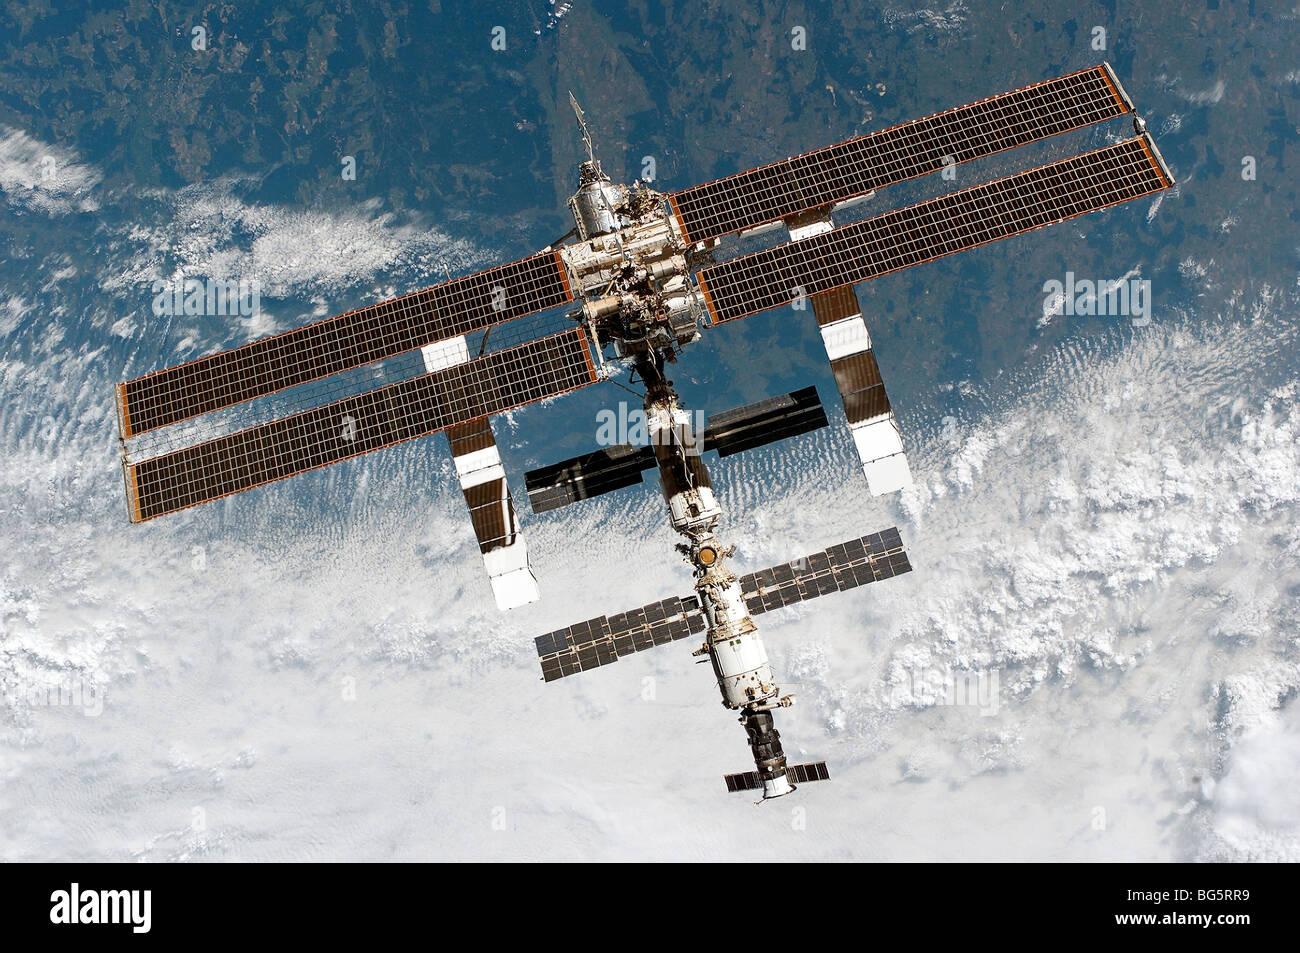 La Station spatiale internationale quelques instants après le désamarrage de la navette de la station. Photo Stock